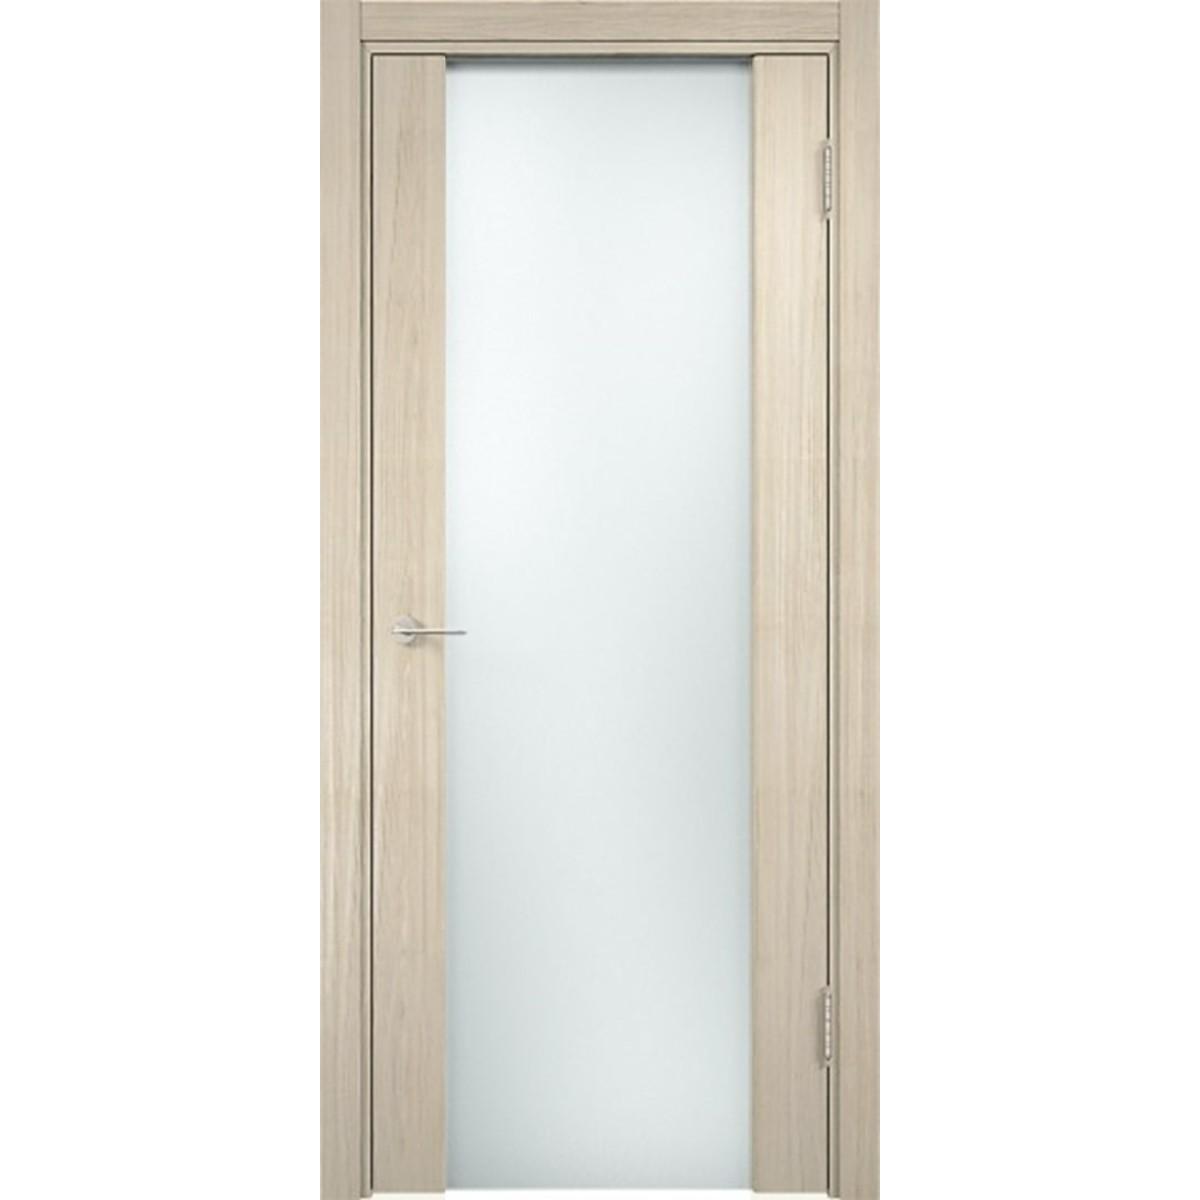 Дверное полотно Casaporte Сан-Ремо МП_0195 2000х600х44 мм МДФ